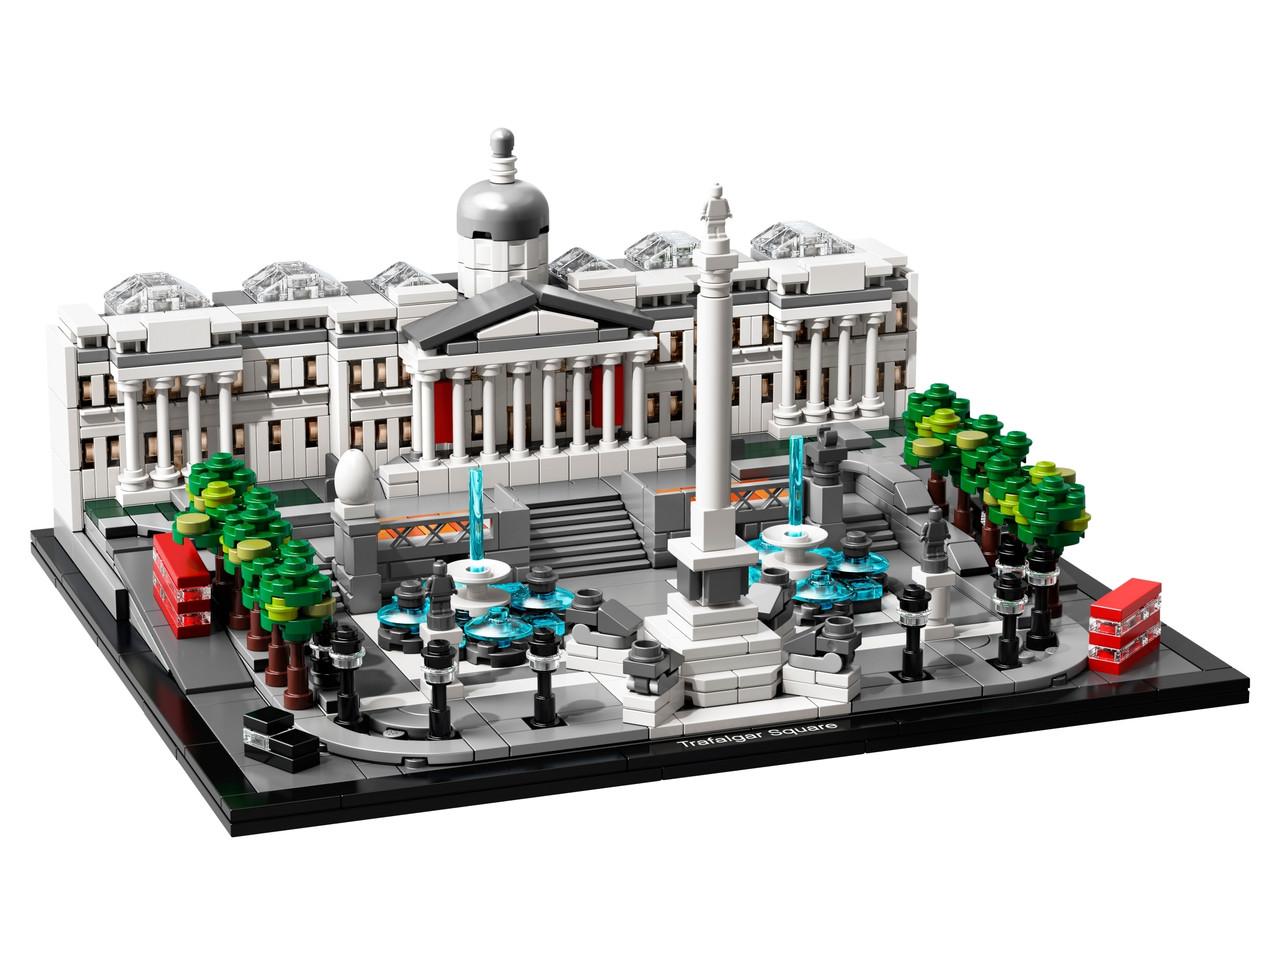 Конструктор LEGO Трафальгарская площадь 1197 деталей (21045)